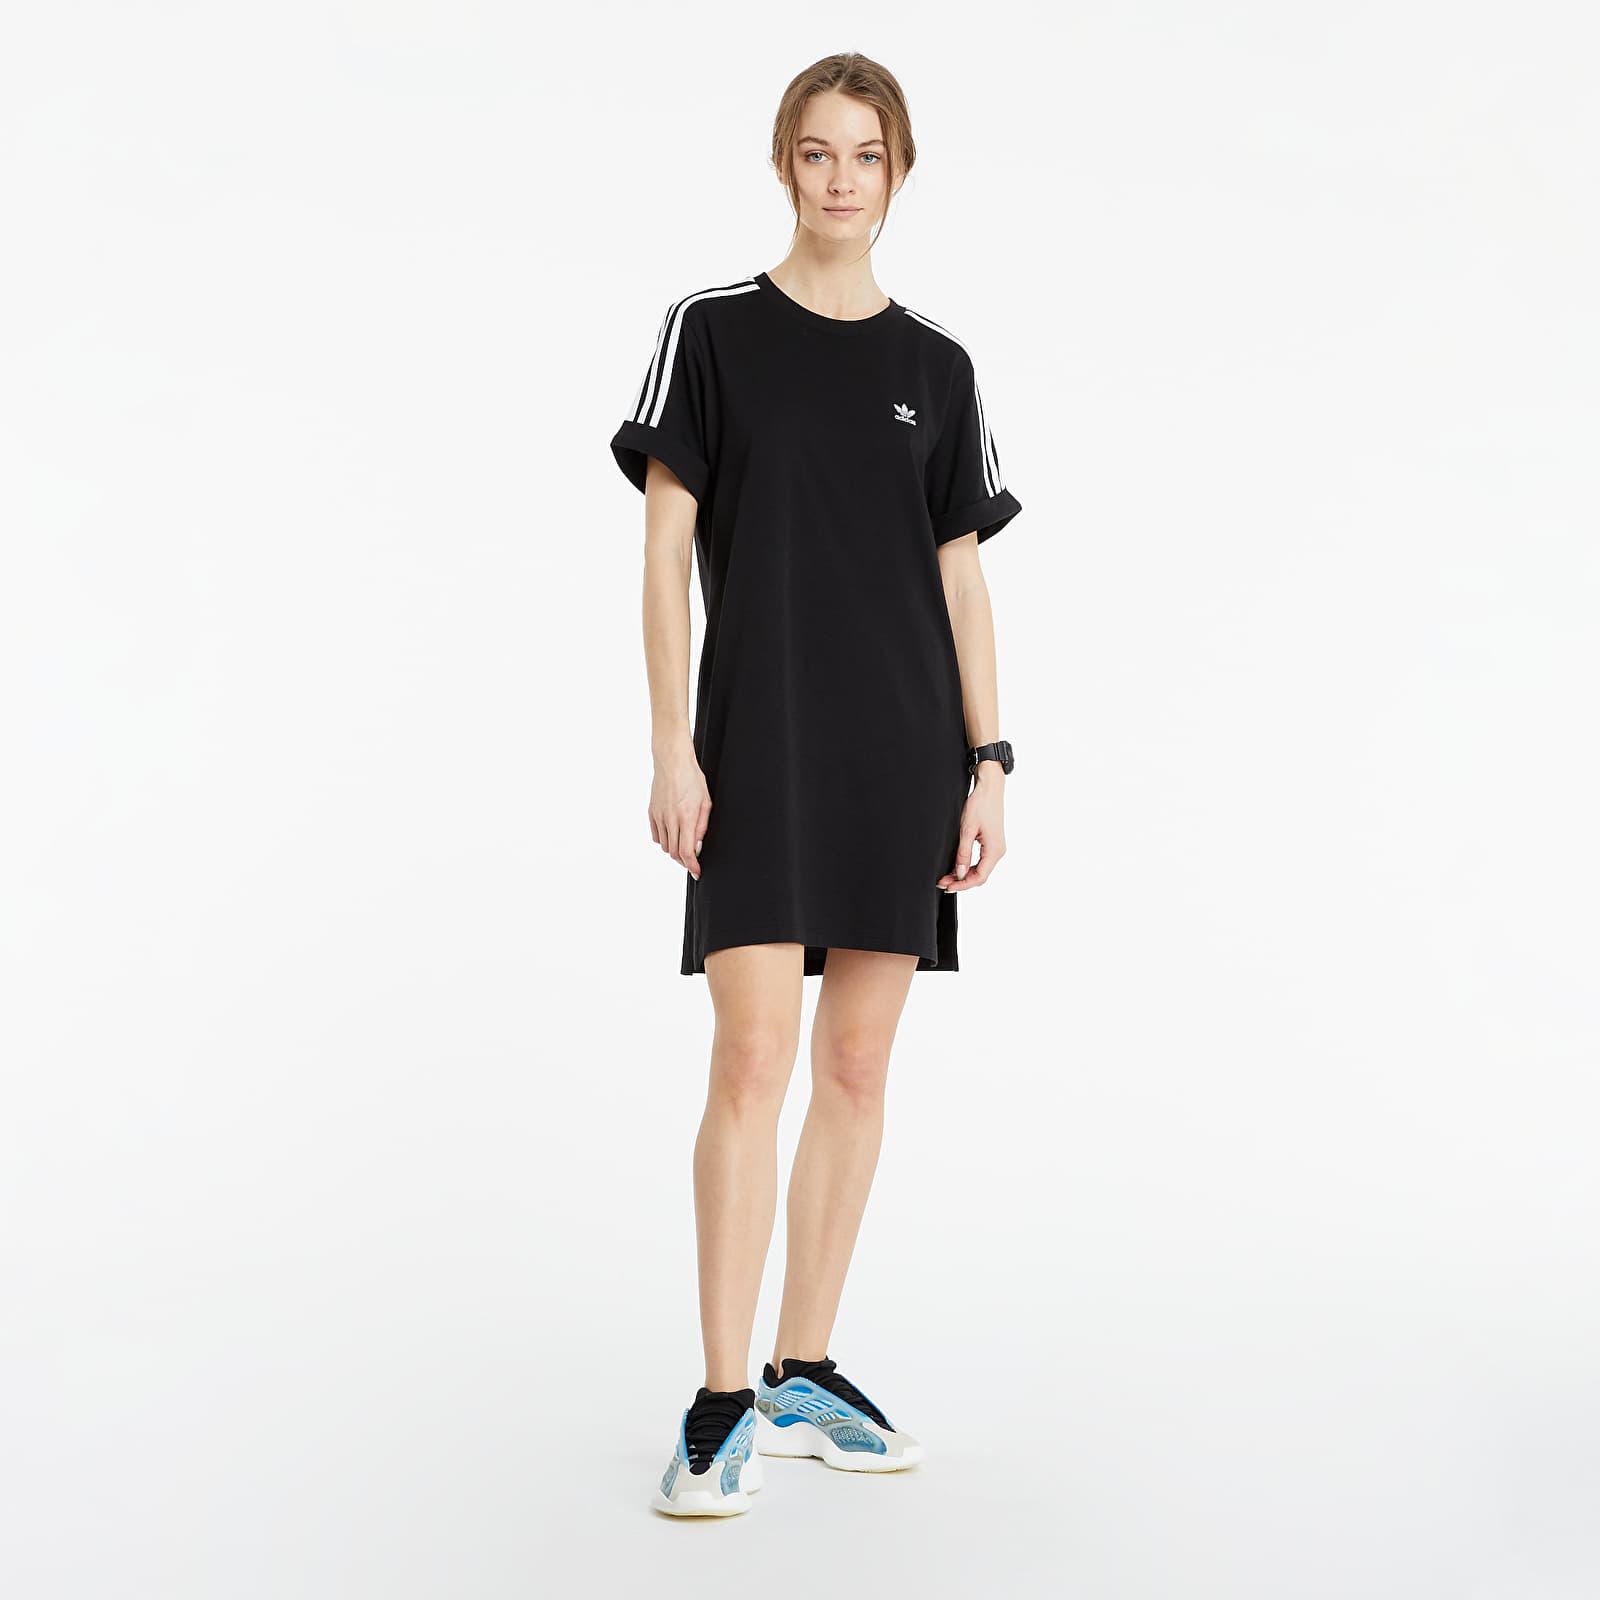 adidas Dress Tee Black